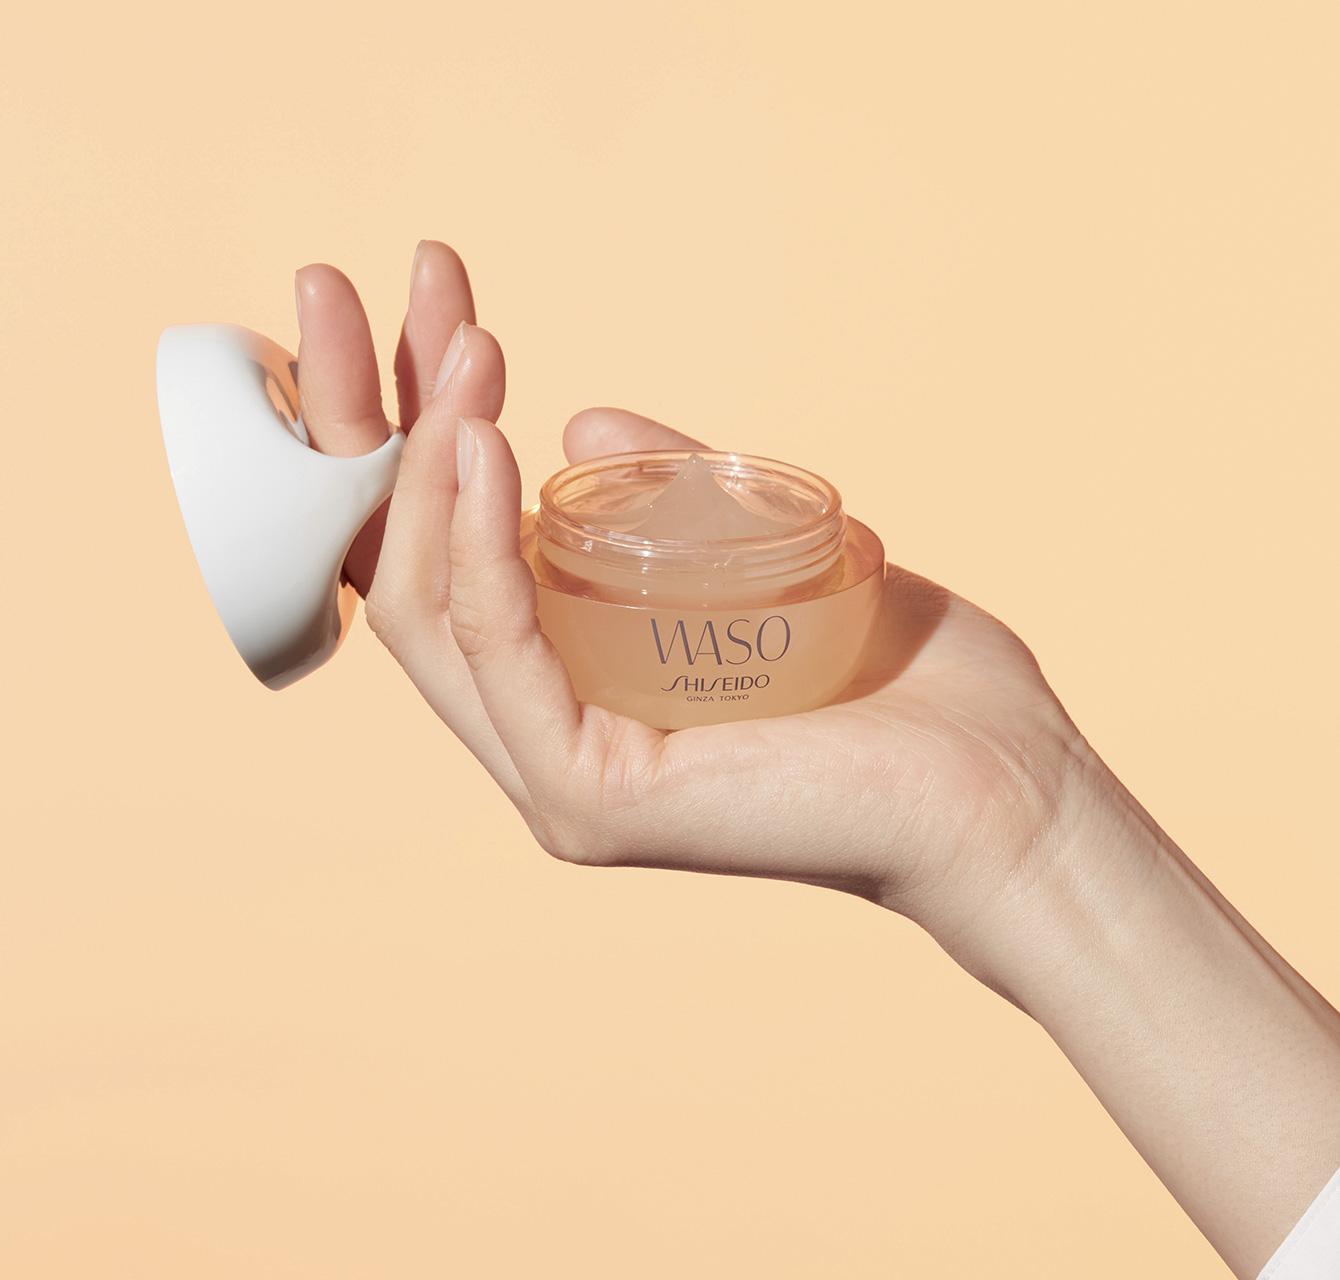 Shiseido – Waso